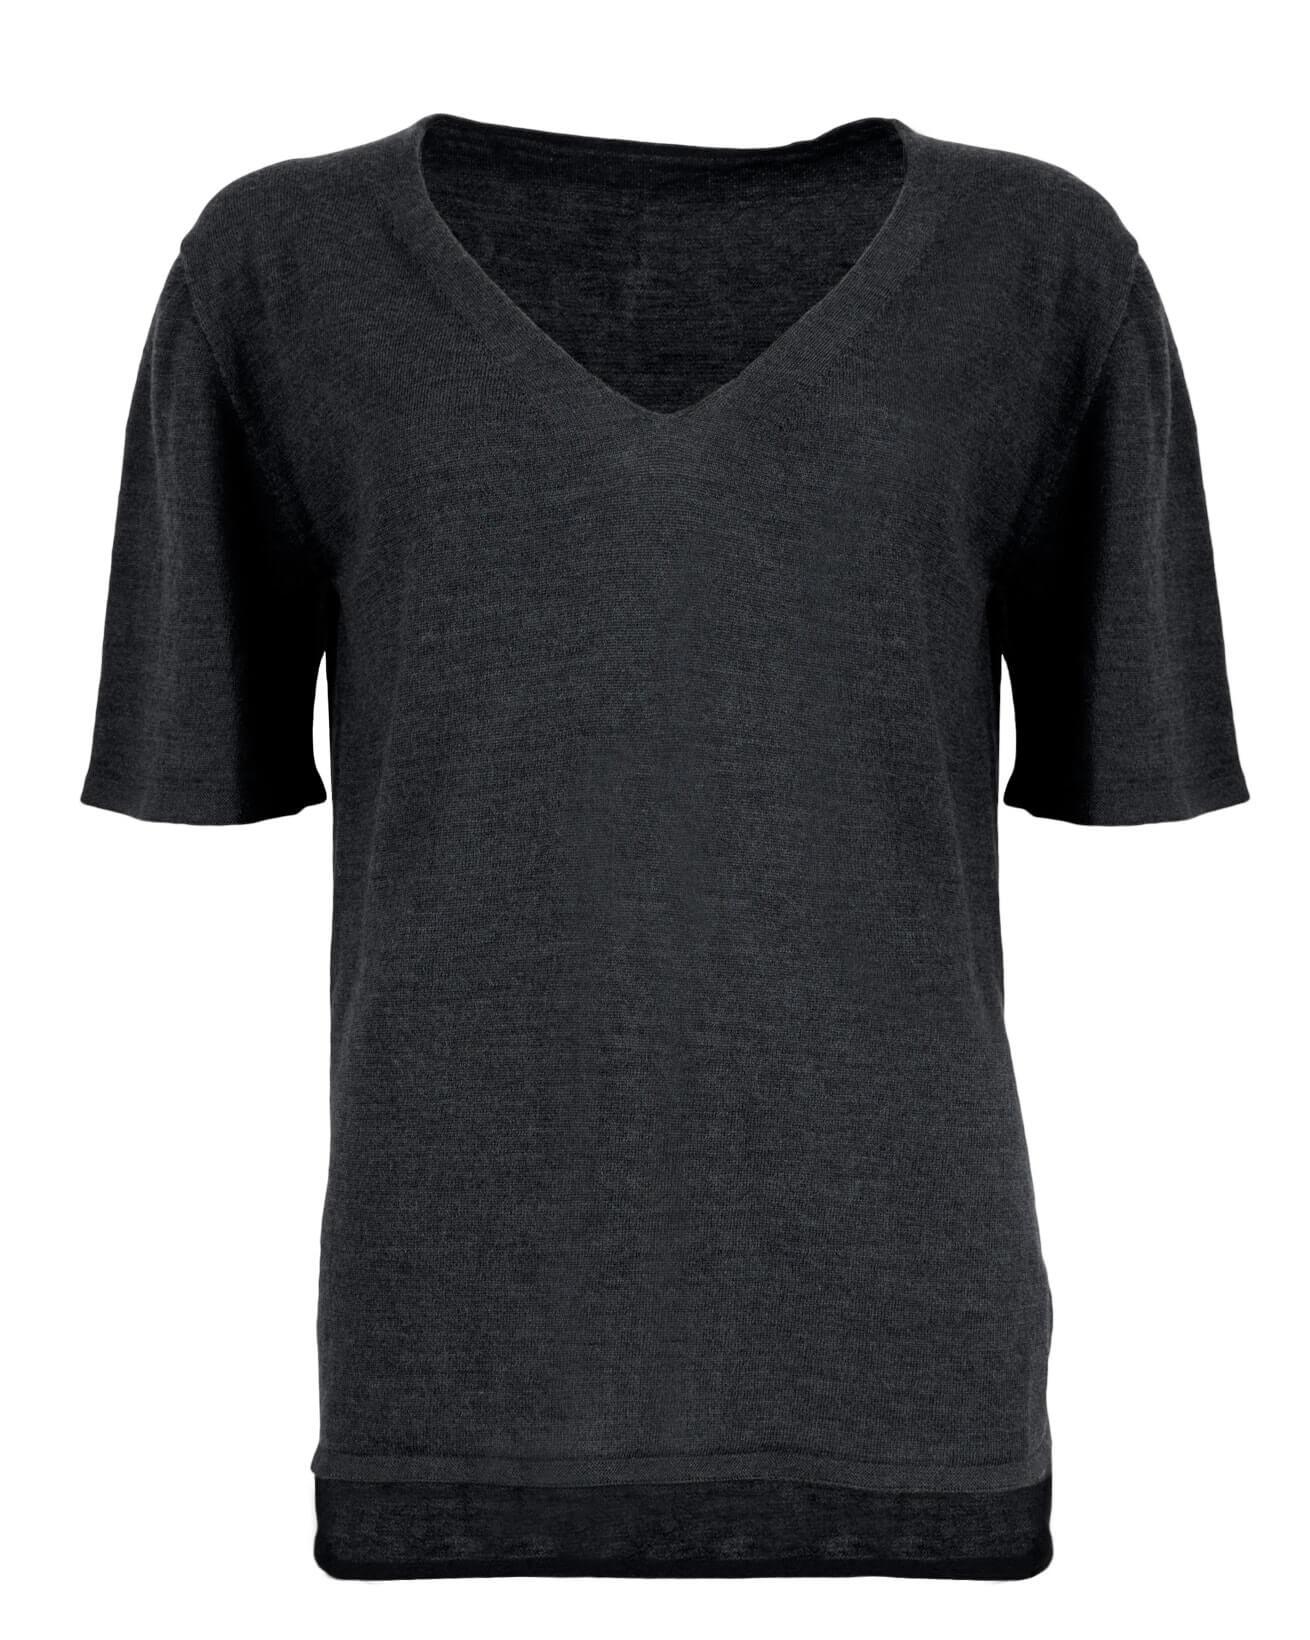 Merino Short Sleeve V Neck - Small - Charcoal - 912